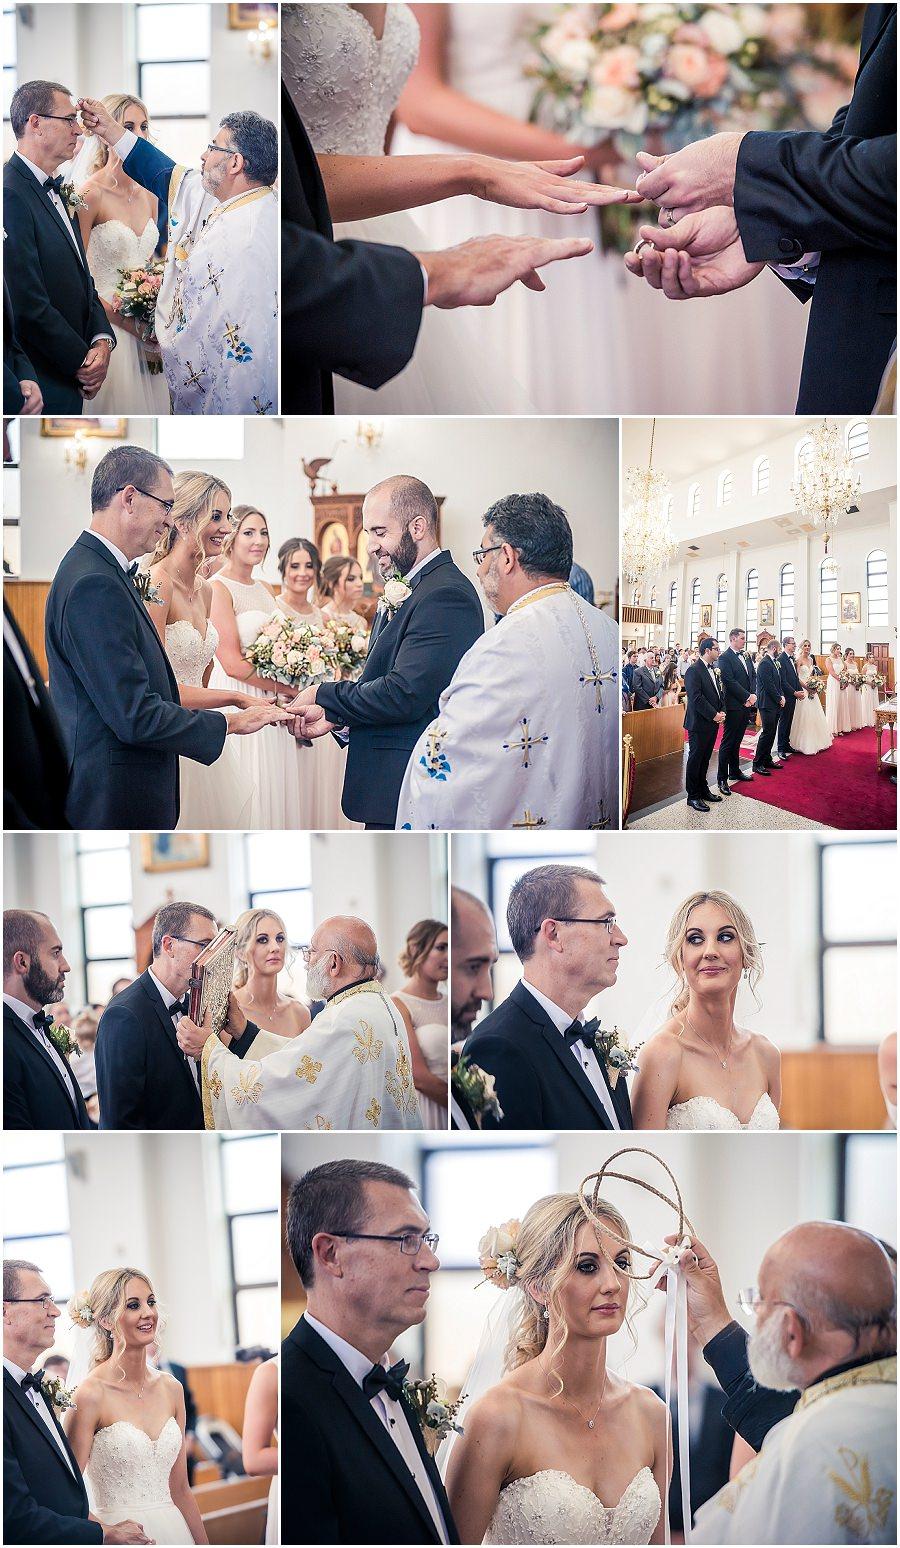 29-ottimo-house-wedding-photos